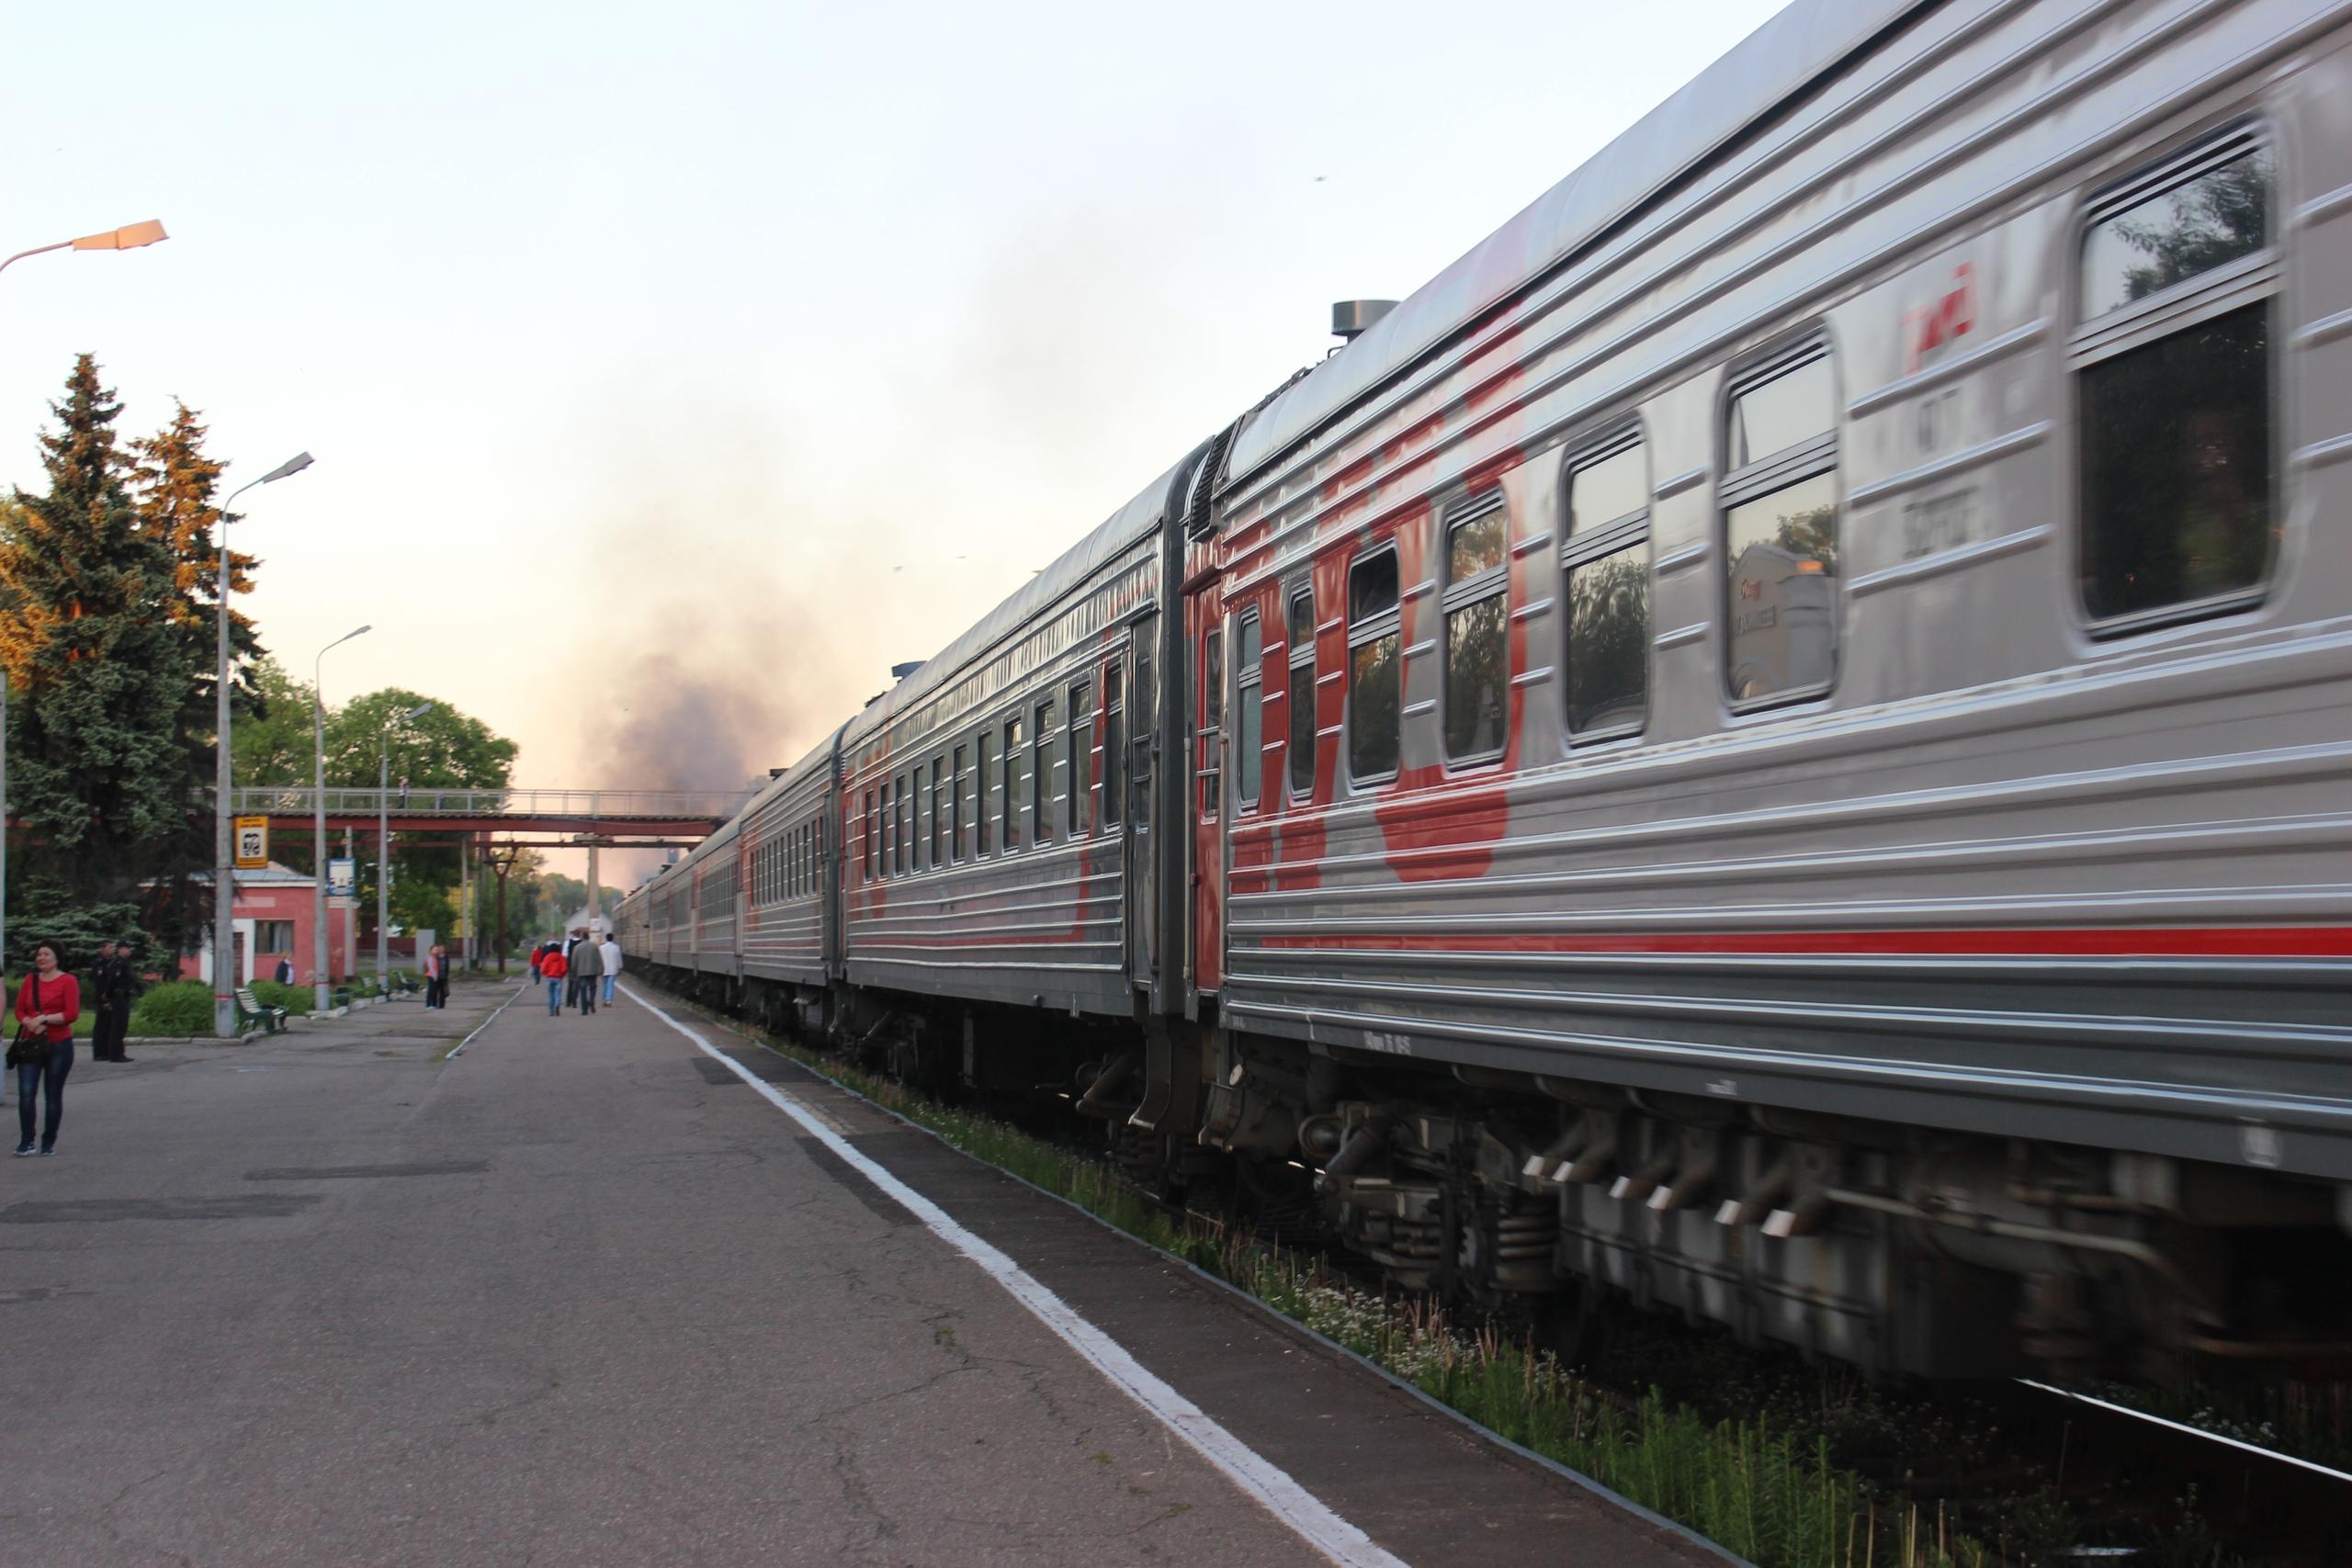 На вокзале в Тверской области задержали сбежавшего из-под карантина мужчину - новости Афанасий